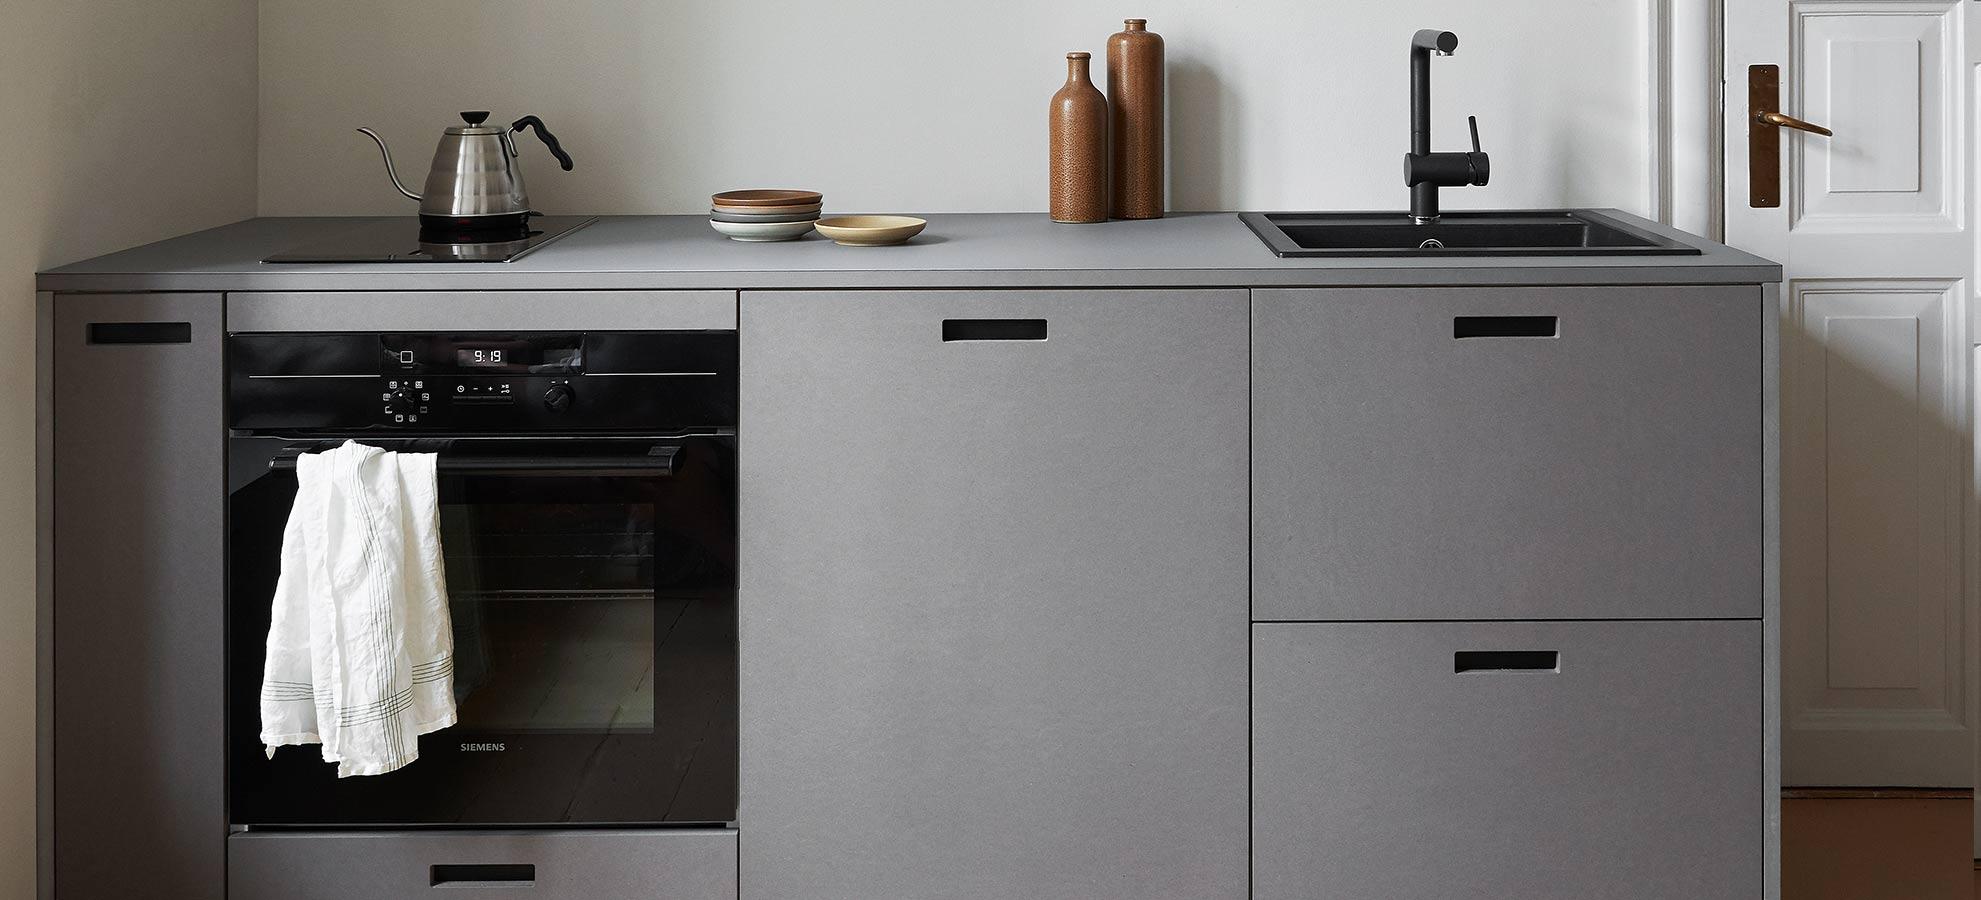 keahack-designerkitchen-andshufl-fronts-skuffer-skabe-til ikea-kokken-linoleum-raw-light-grey